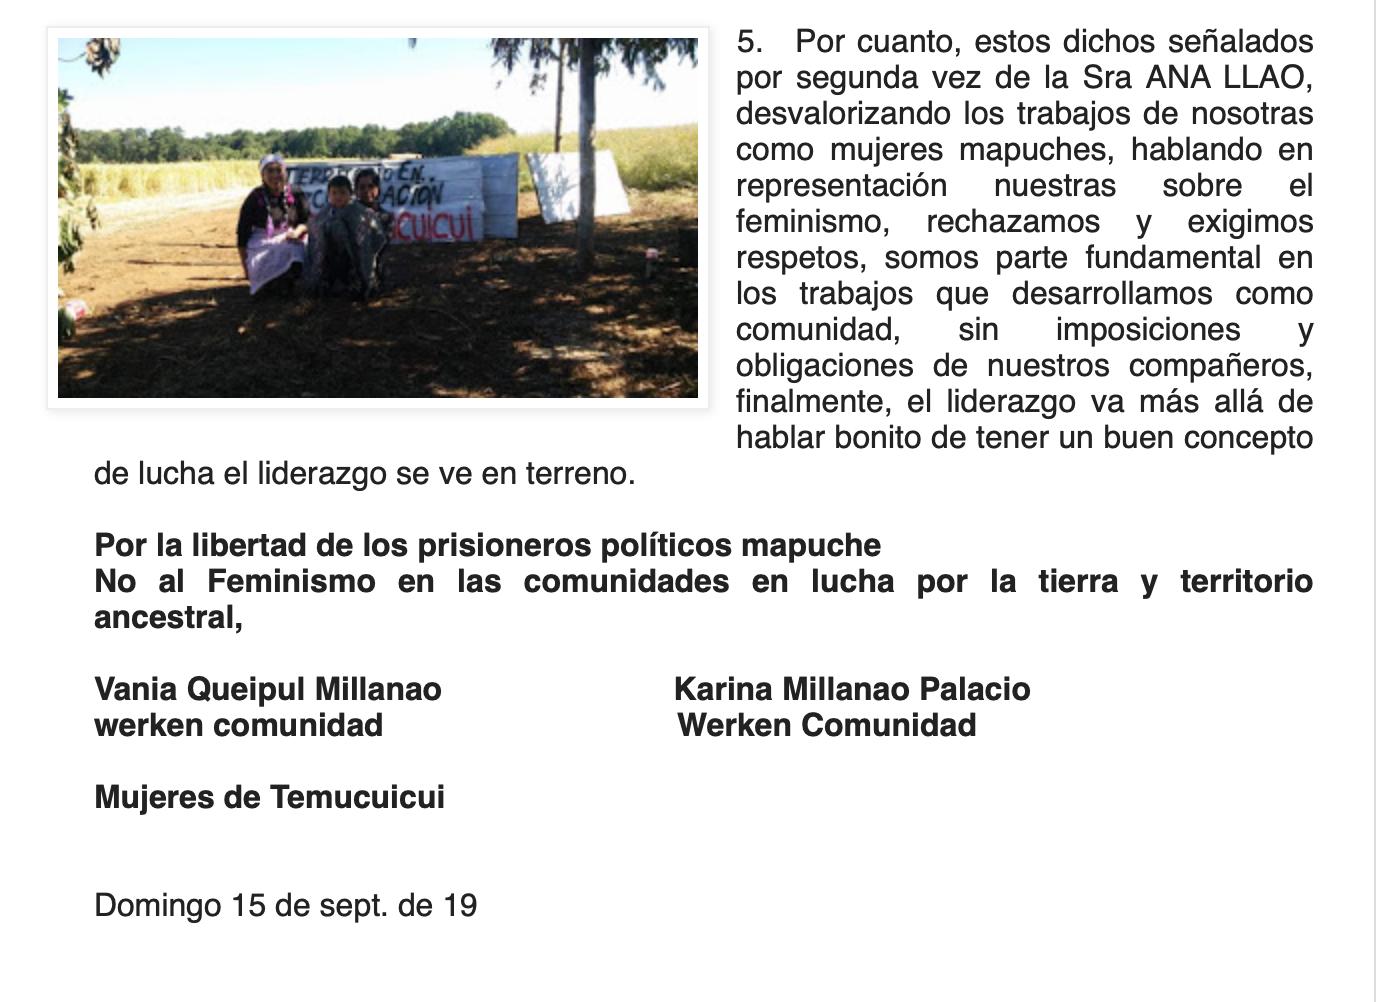 Captura de Pantalla 2019-09-20 a la(s) 20.51.55.png